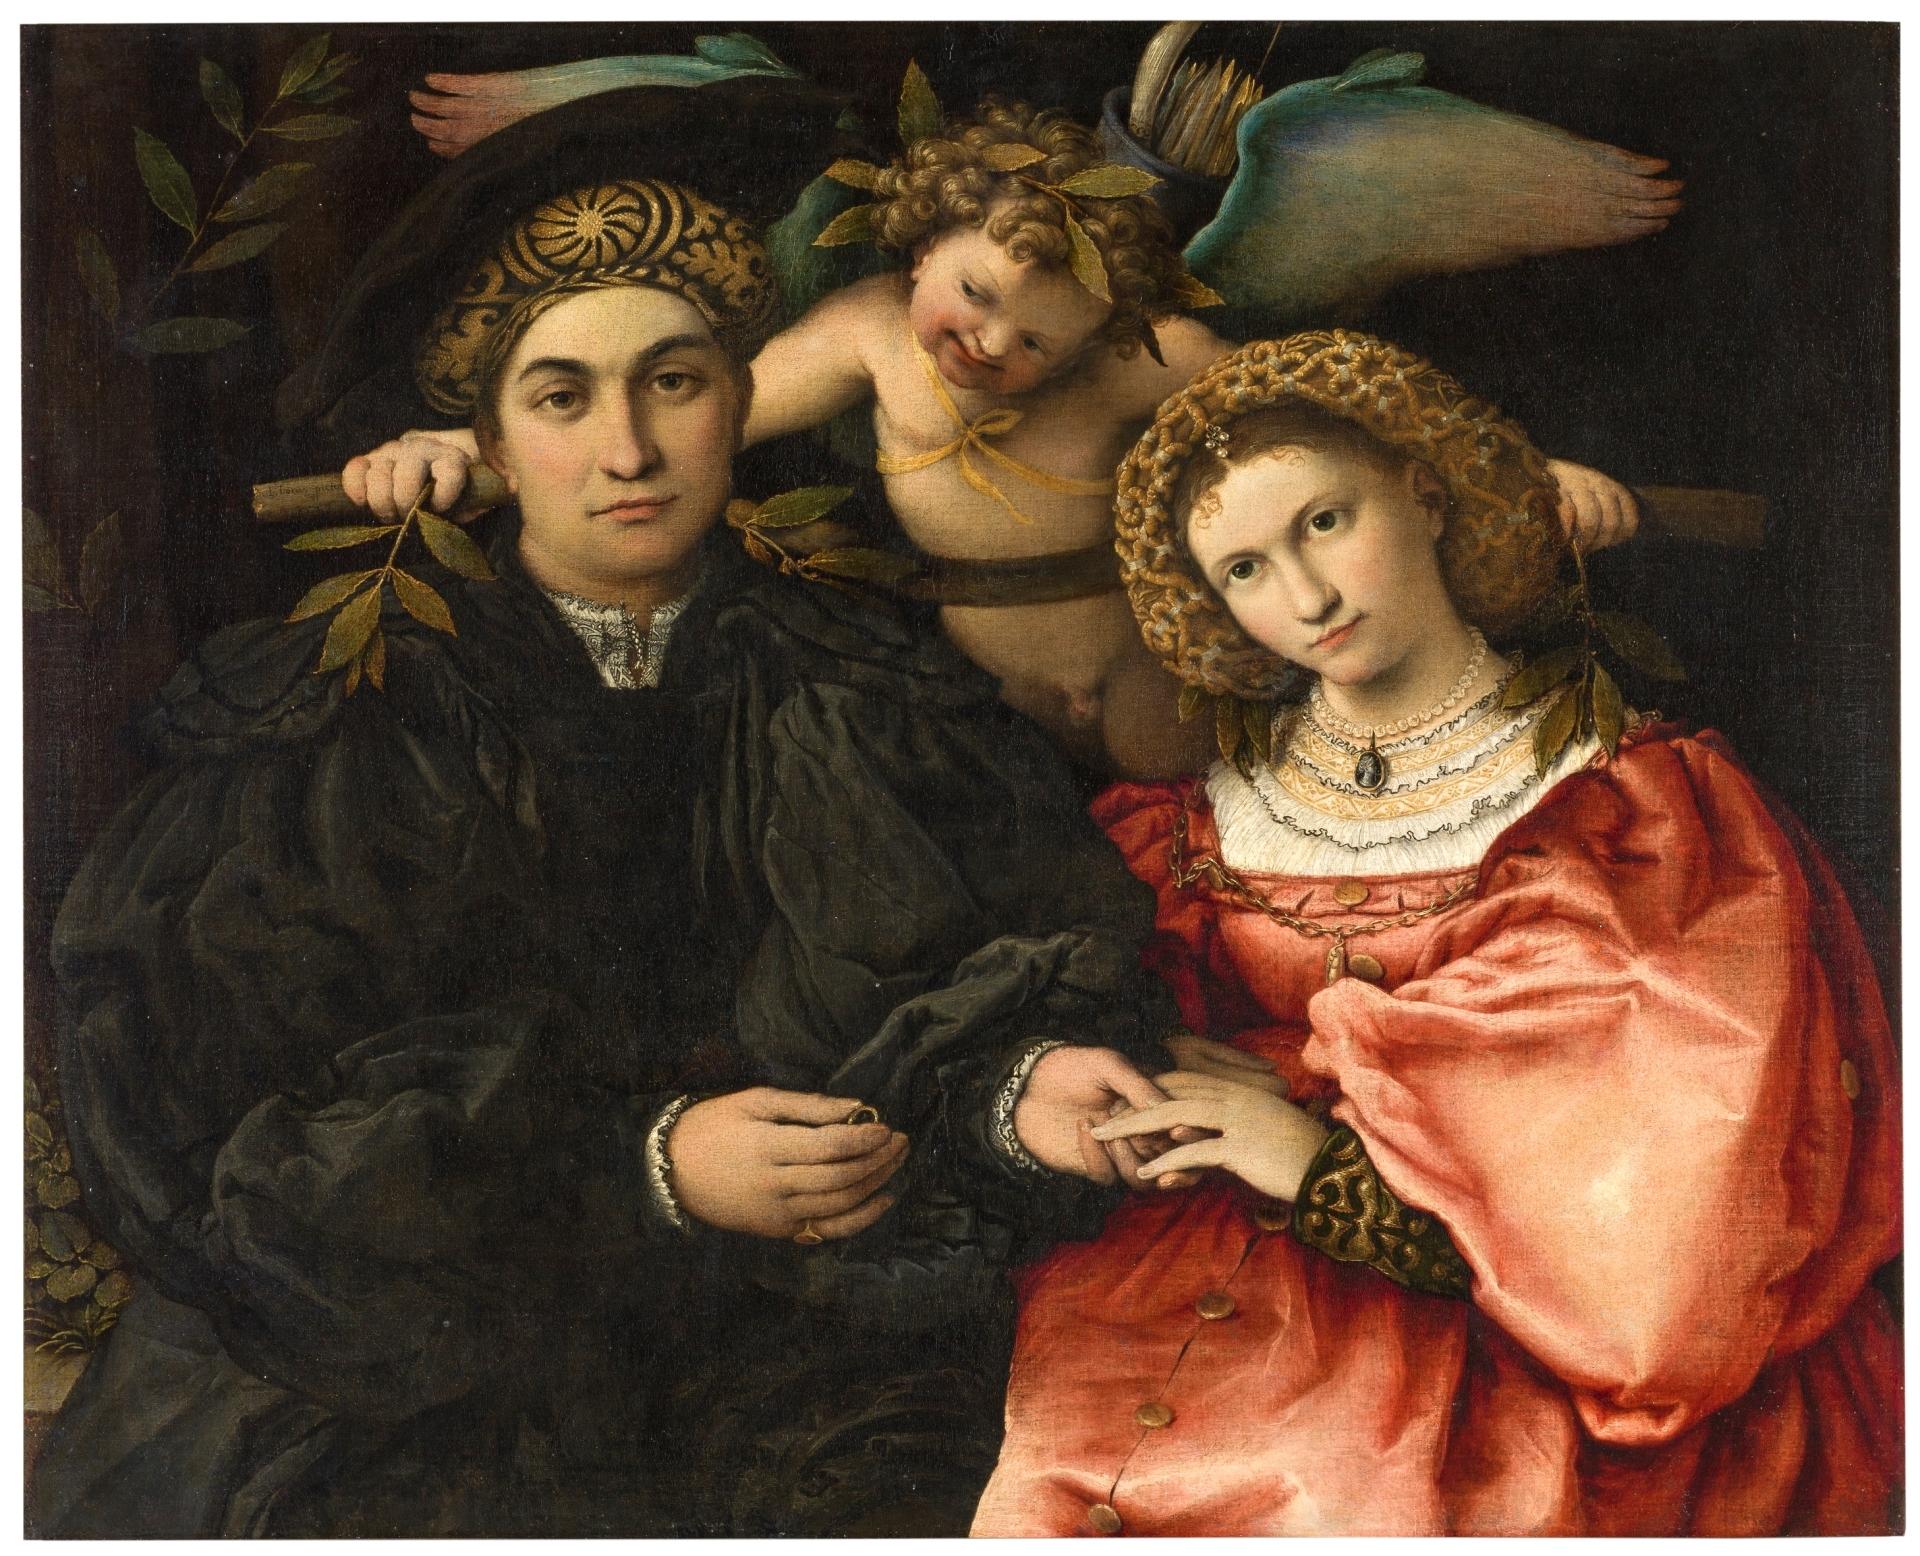 1523 Lotto Portrait of Messer Marsilio Cassotti and His Wife, Faustina, Museo Nacional del Prado, Madrid